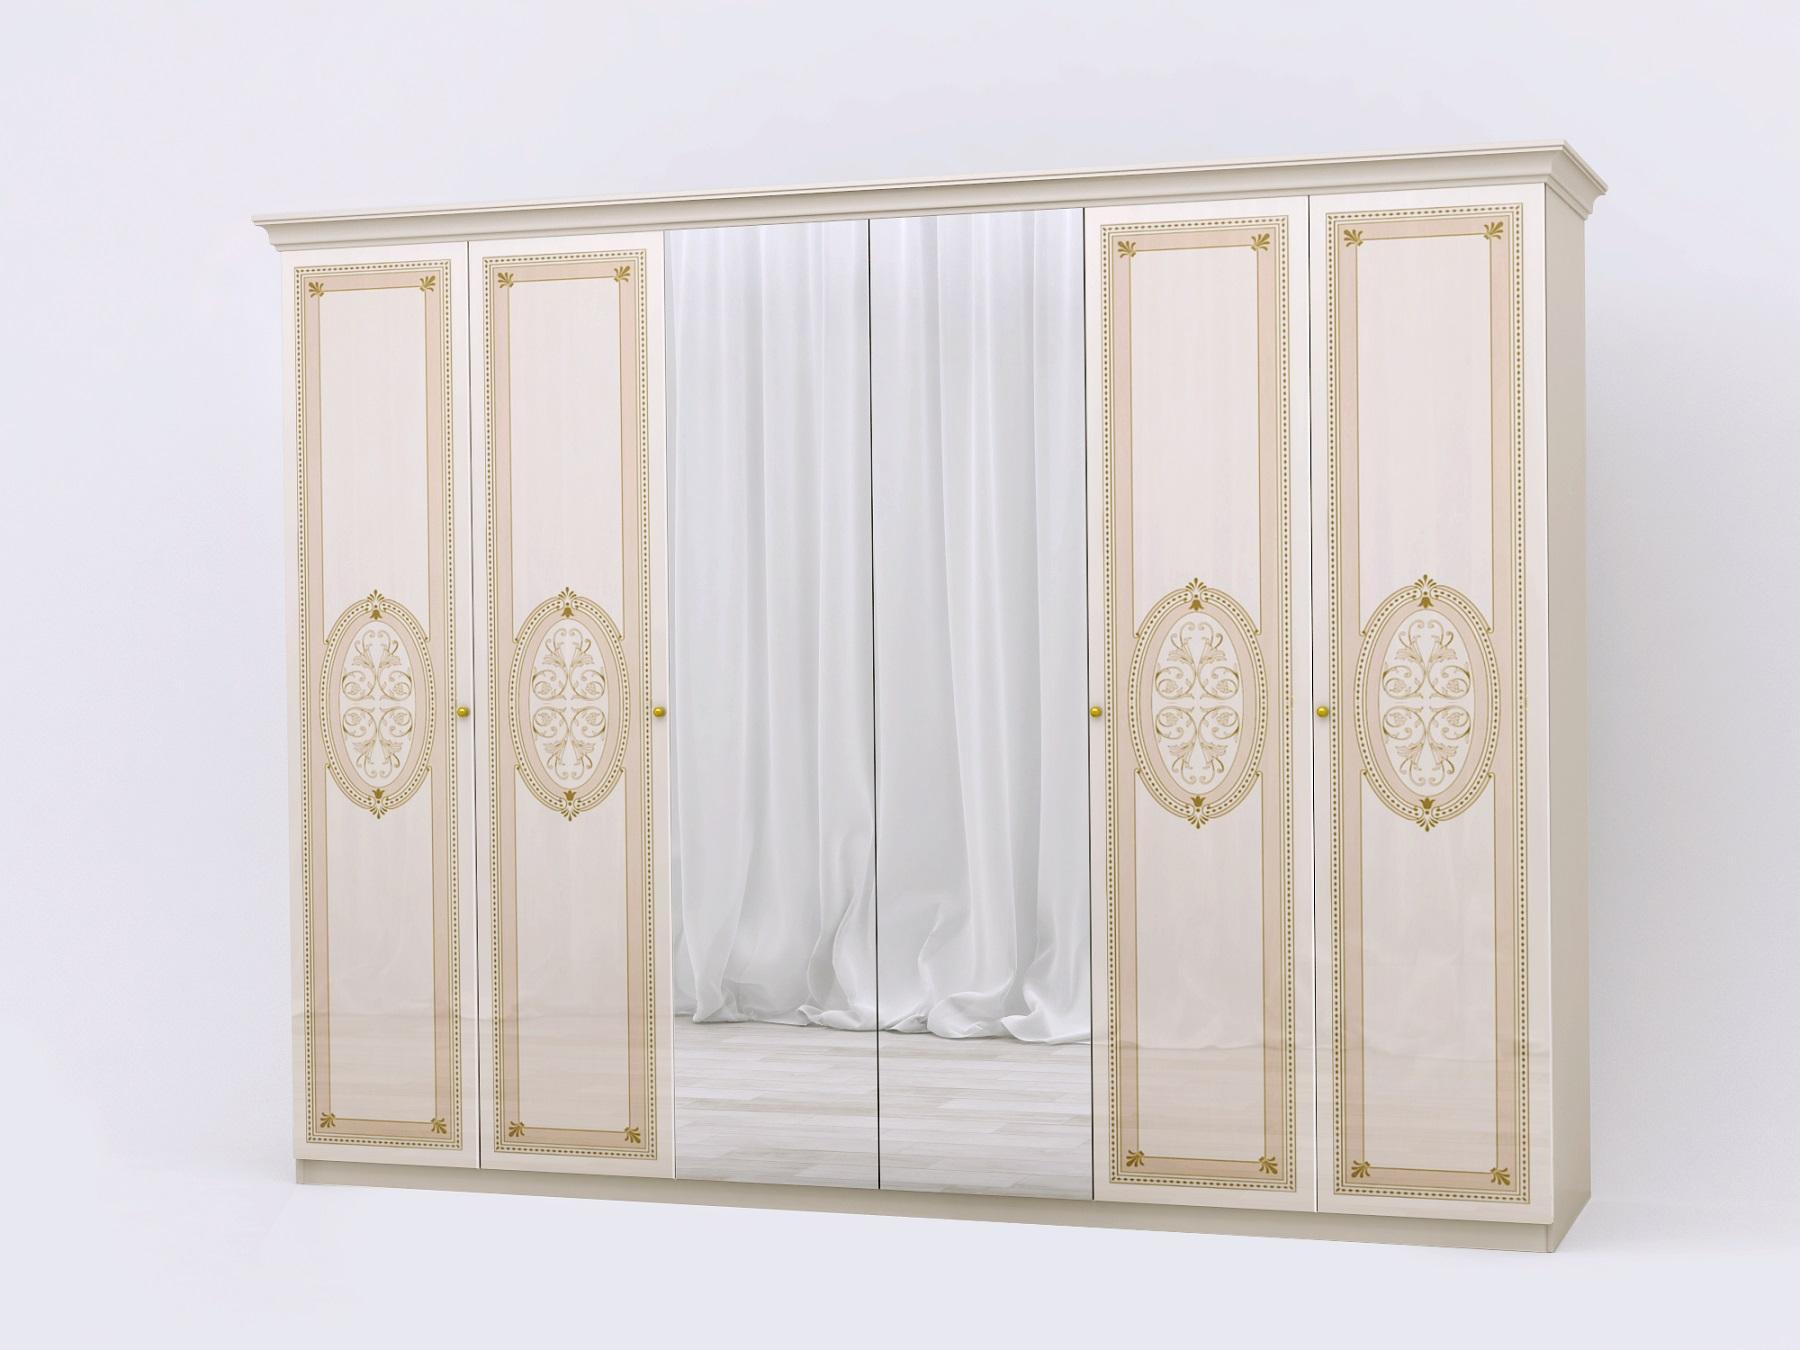 Kleiderschrank 6 trg Lana beige KlassiK Stil Barock Schrank-11-100-03